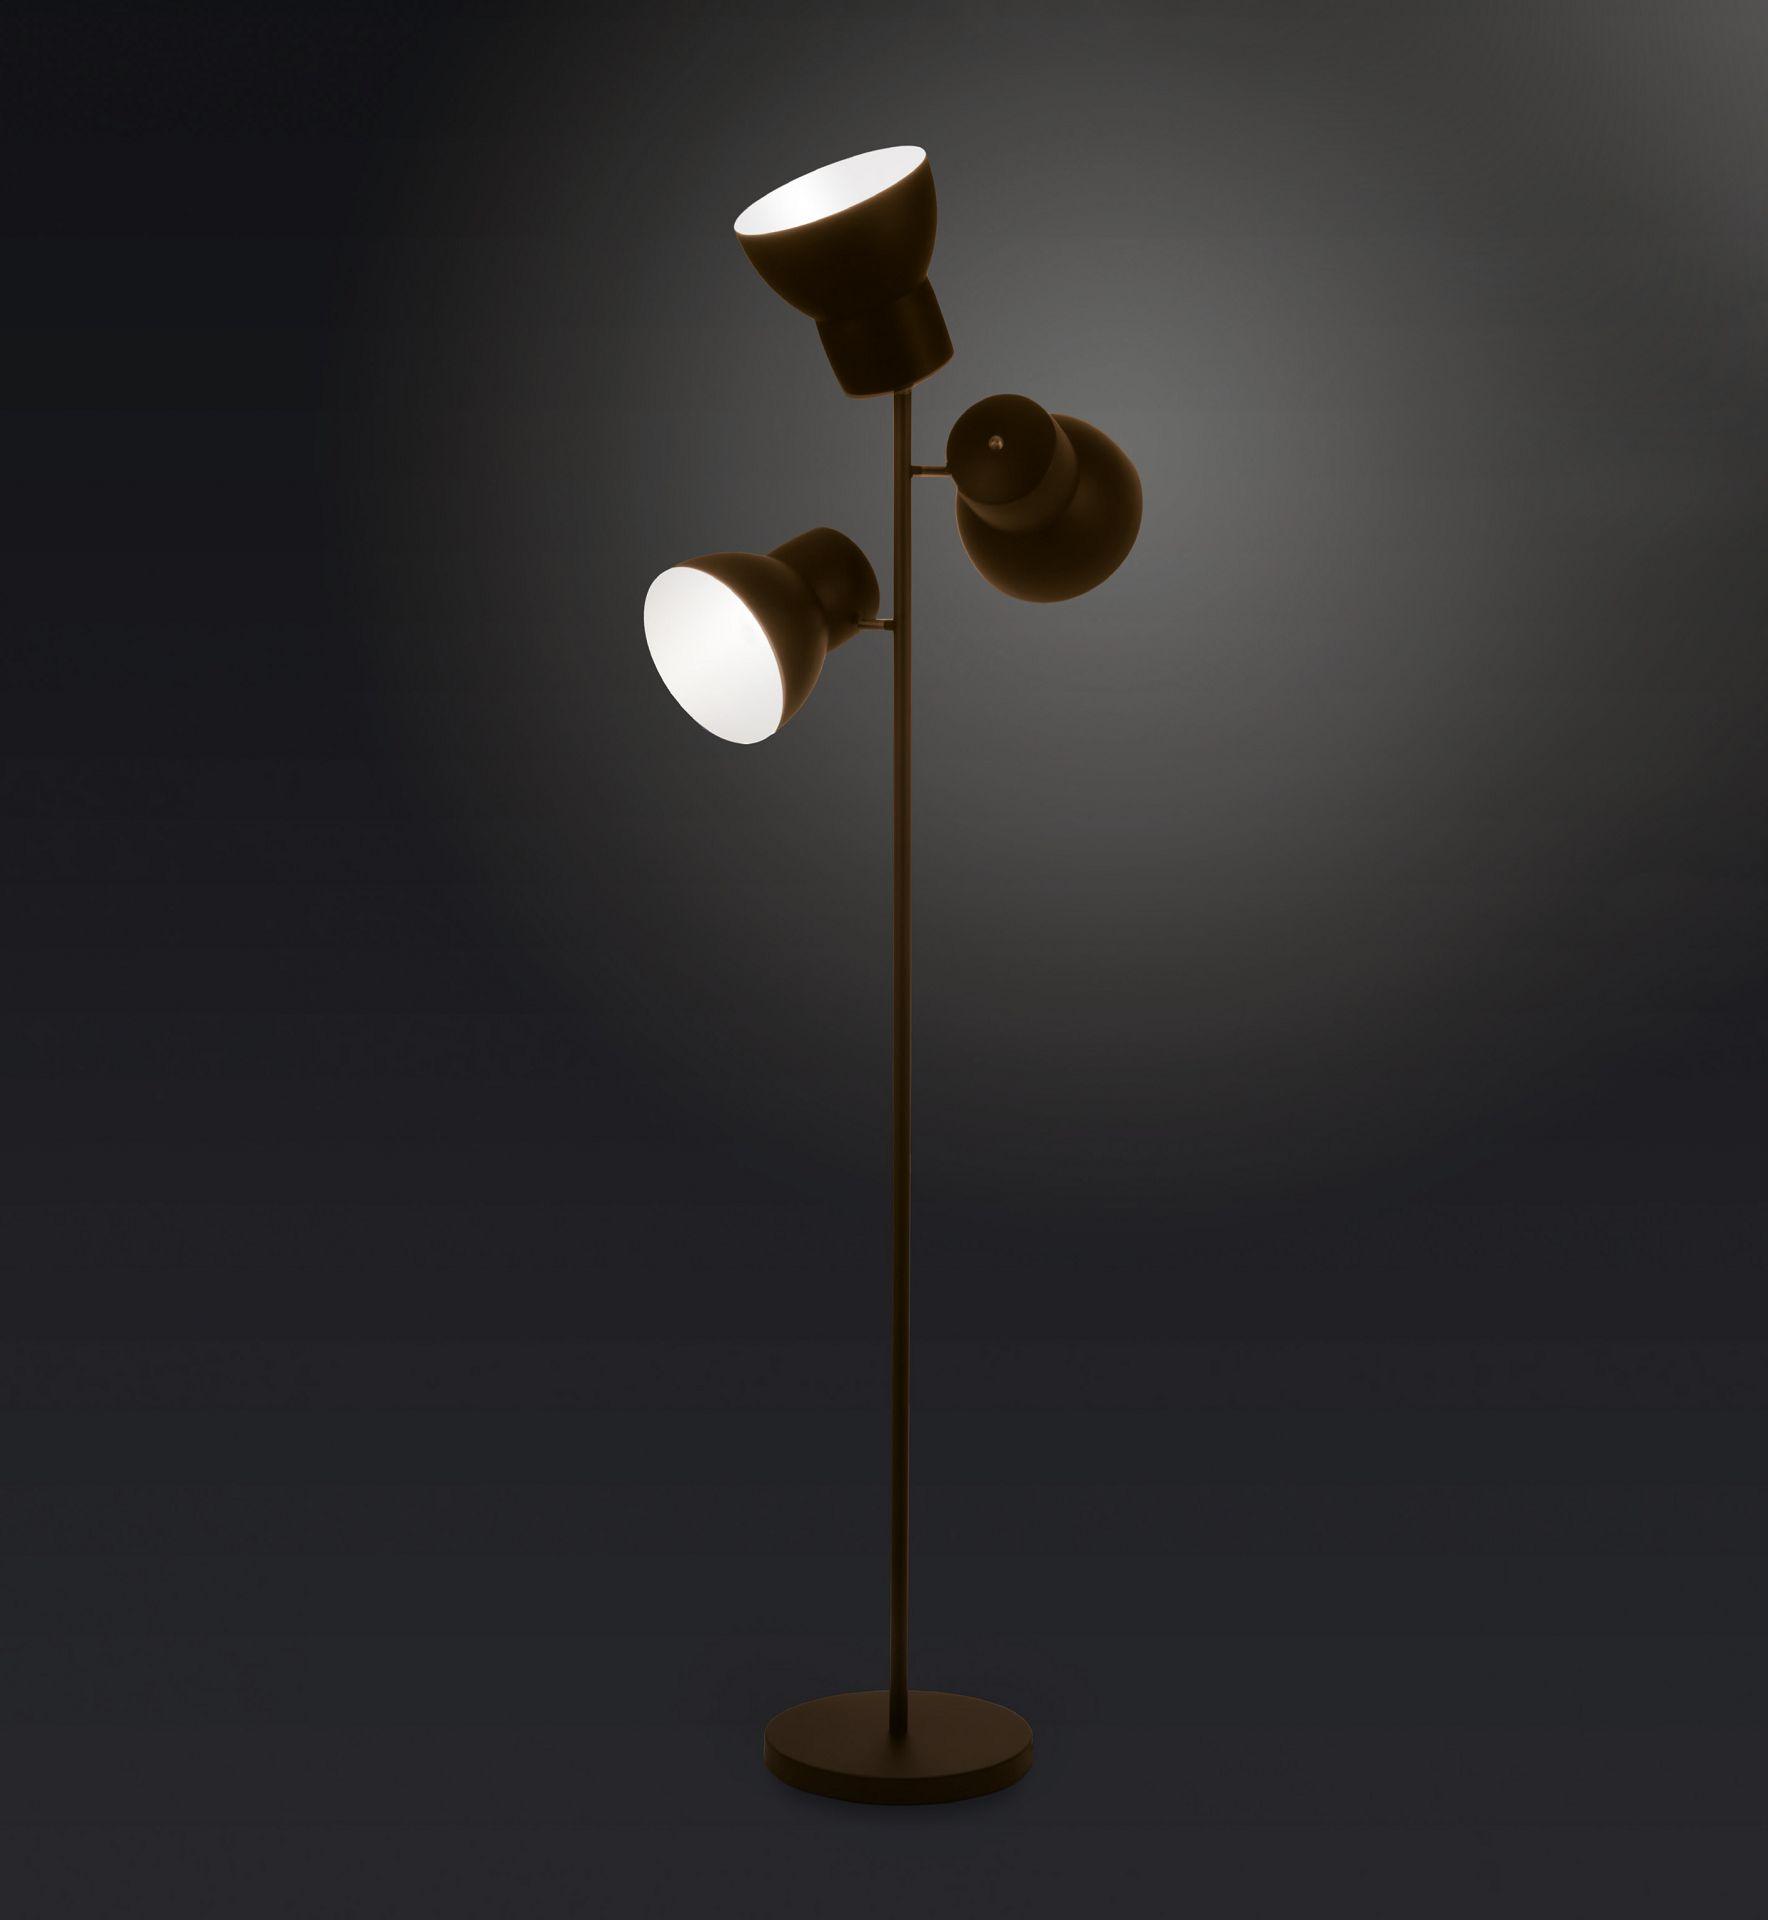 Leuchte Shelf von MLE . Entwurf von JOI-Design